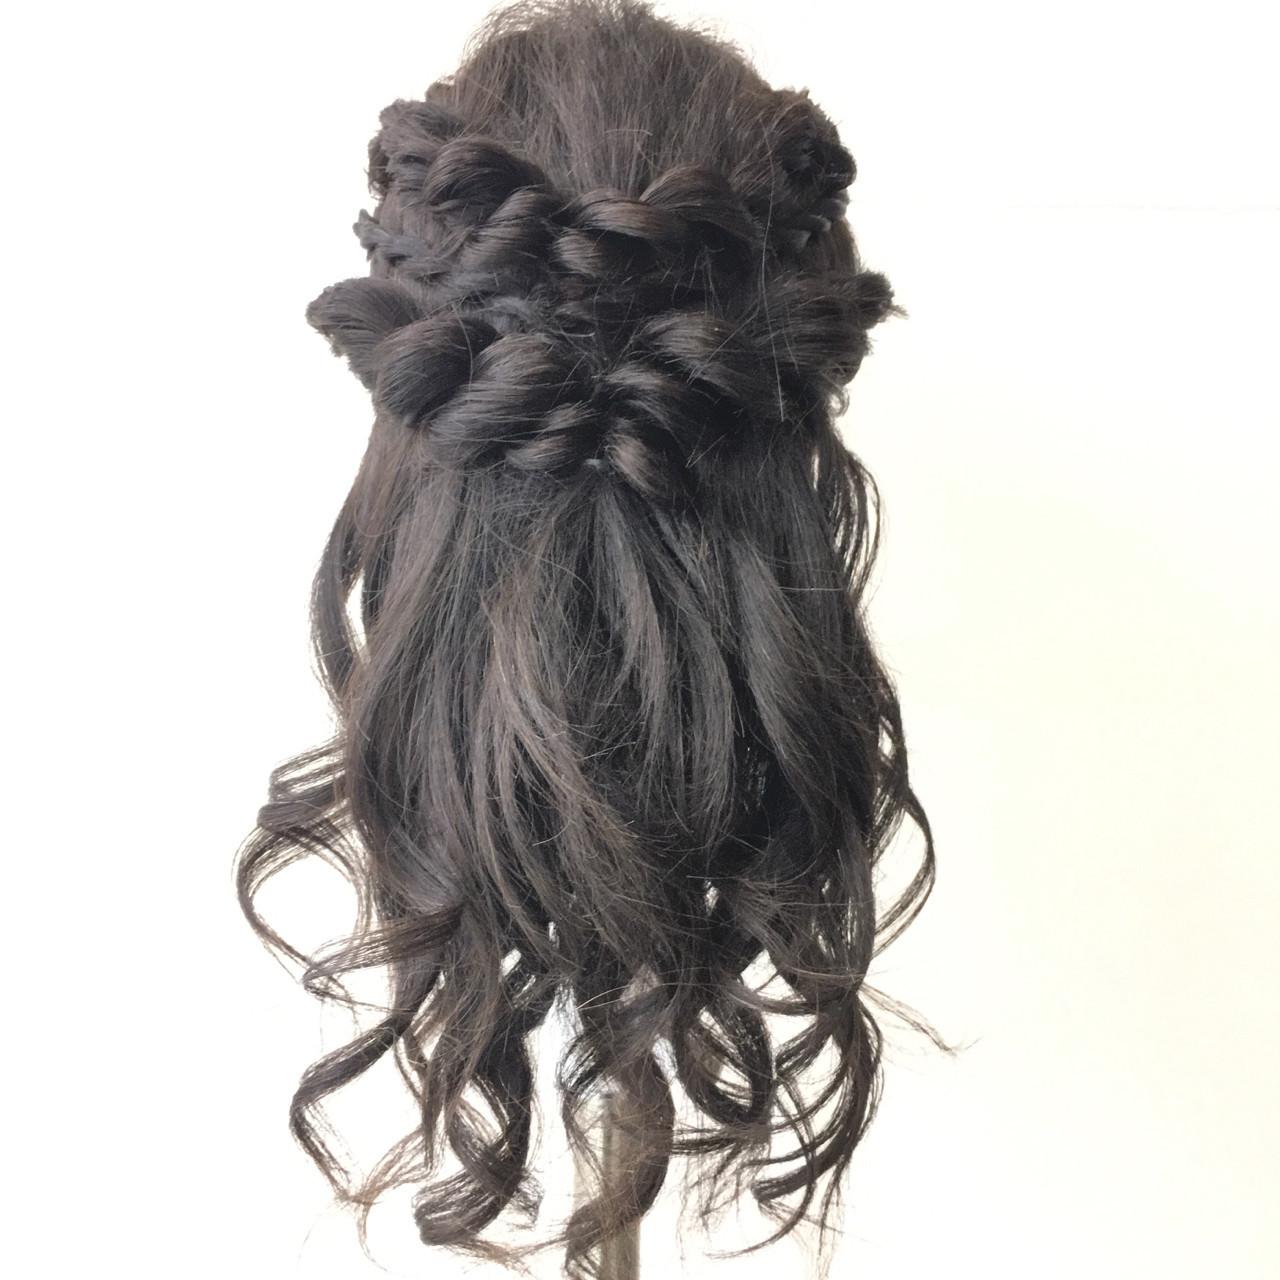 ナチュラル アップスタイル 簡単ヘアアレンジ セミロング ヘアスタイルや髪型の写真・画像